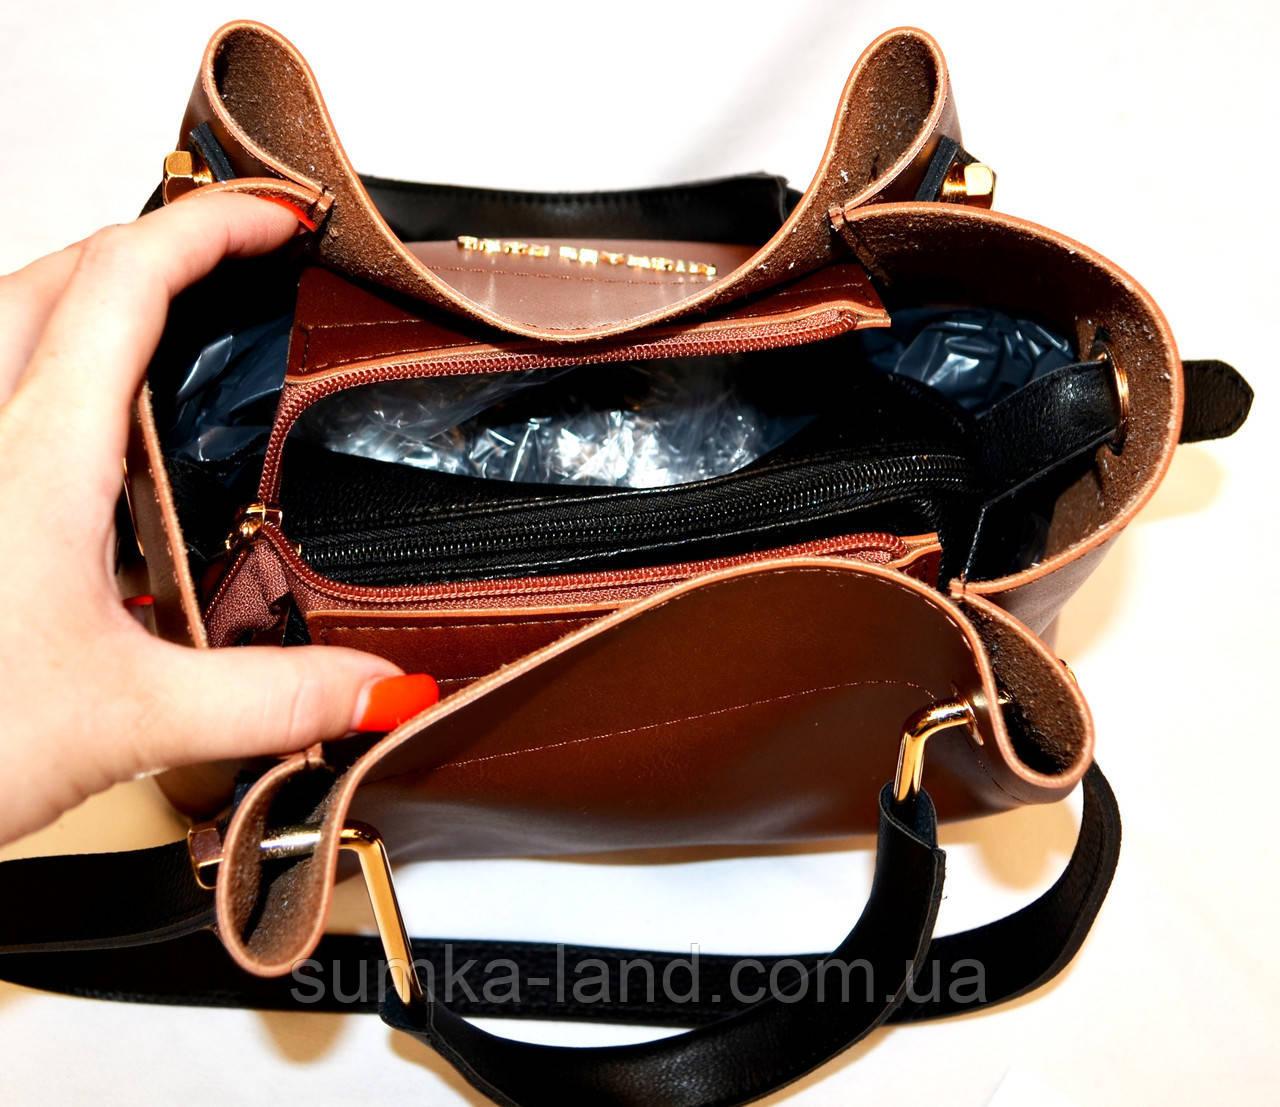 de882b1bba26 ... фото Женская элитная сумка MK серебристая с черными ручками и боками 28* 26 см, фото